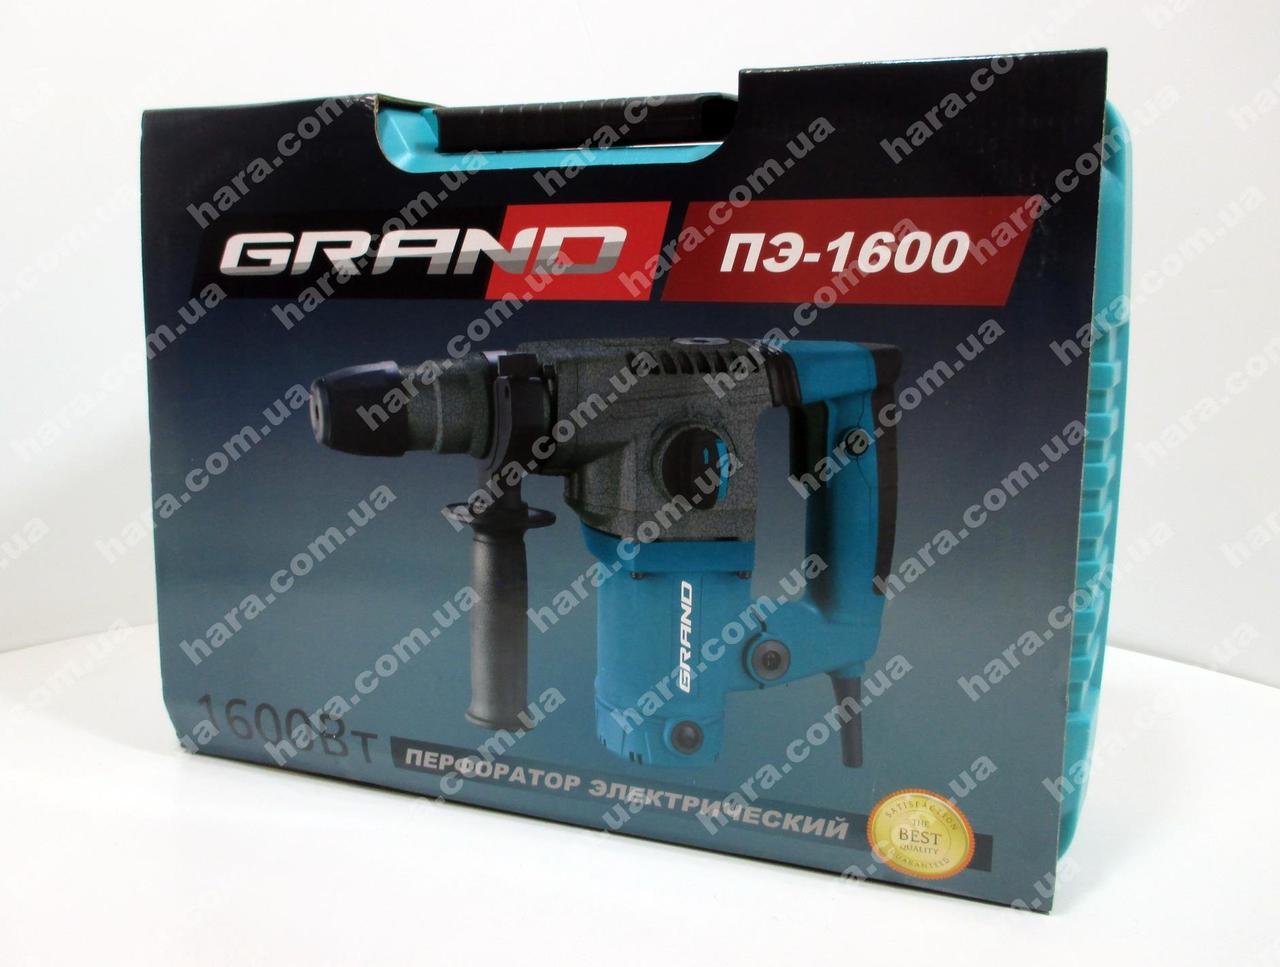 Перфоратор Grand ПЭ-1600